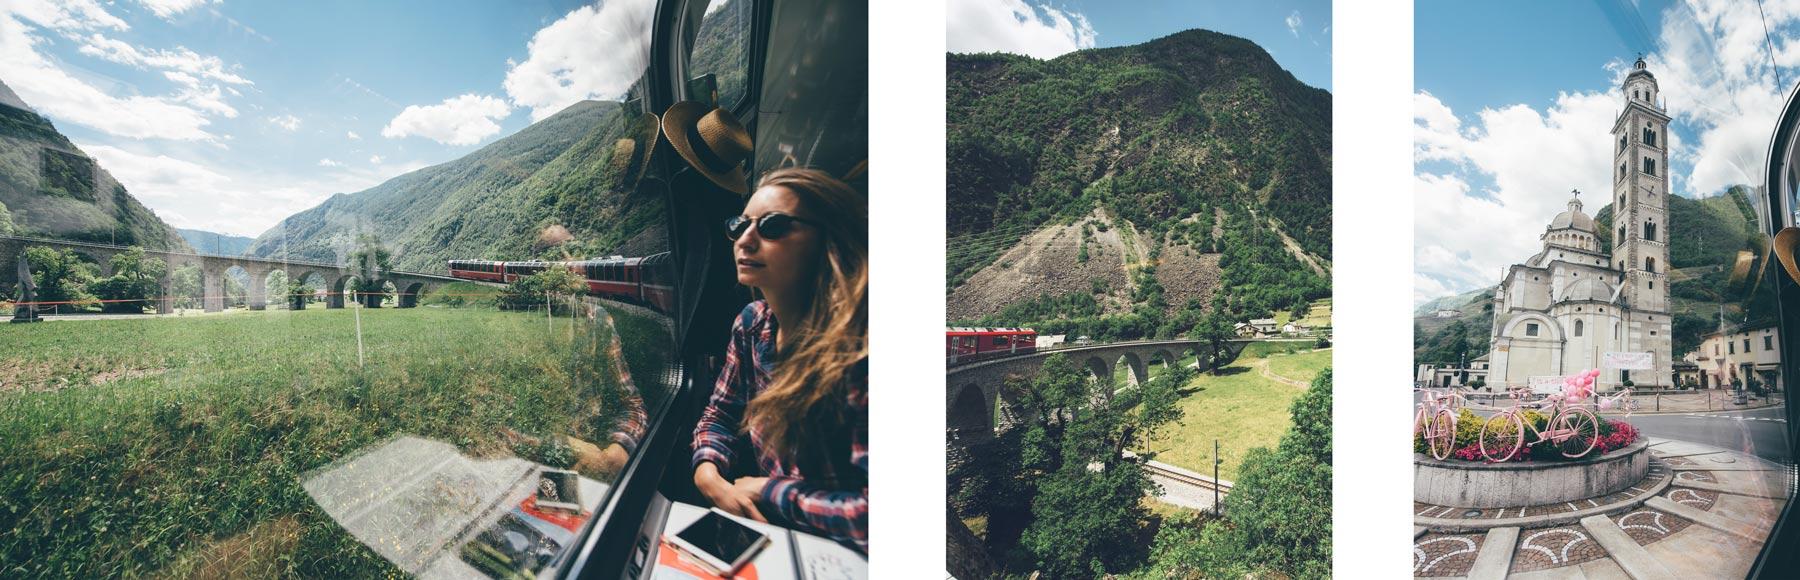 Les belles vues du Bernina Express